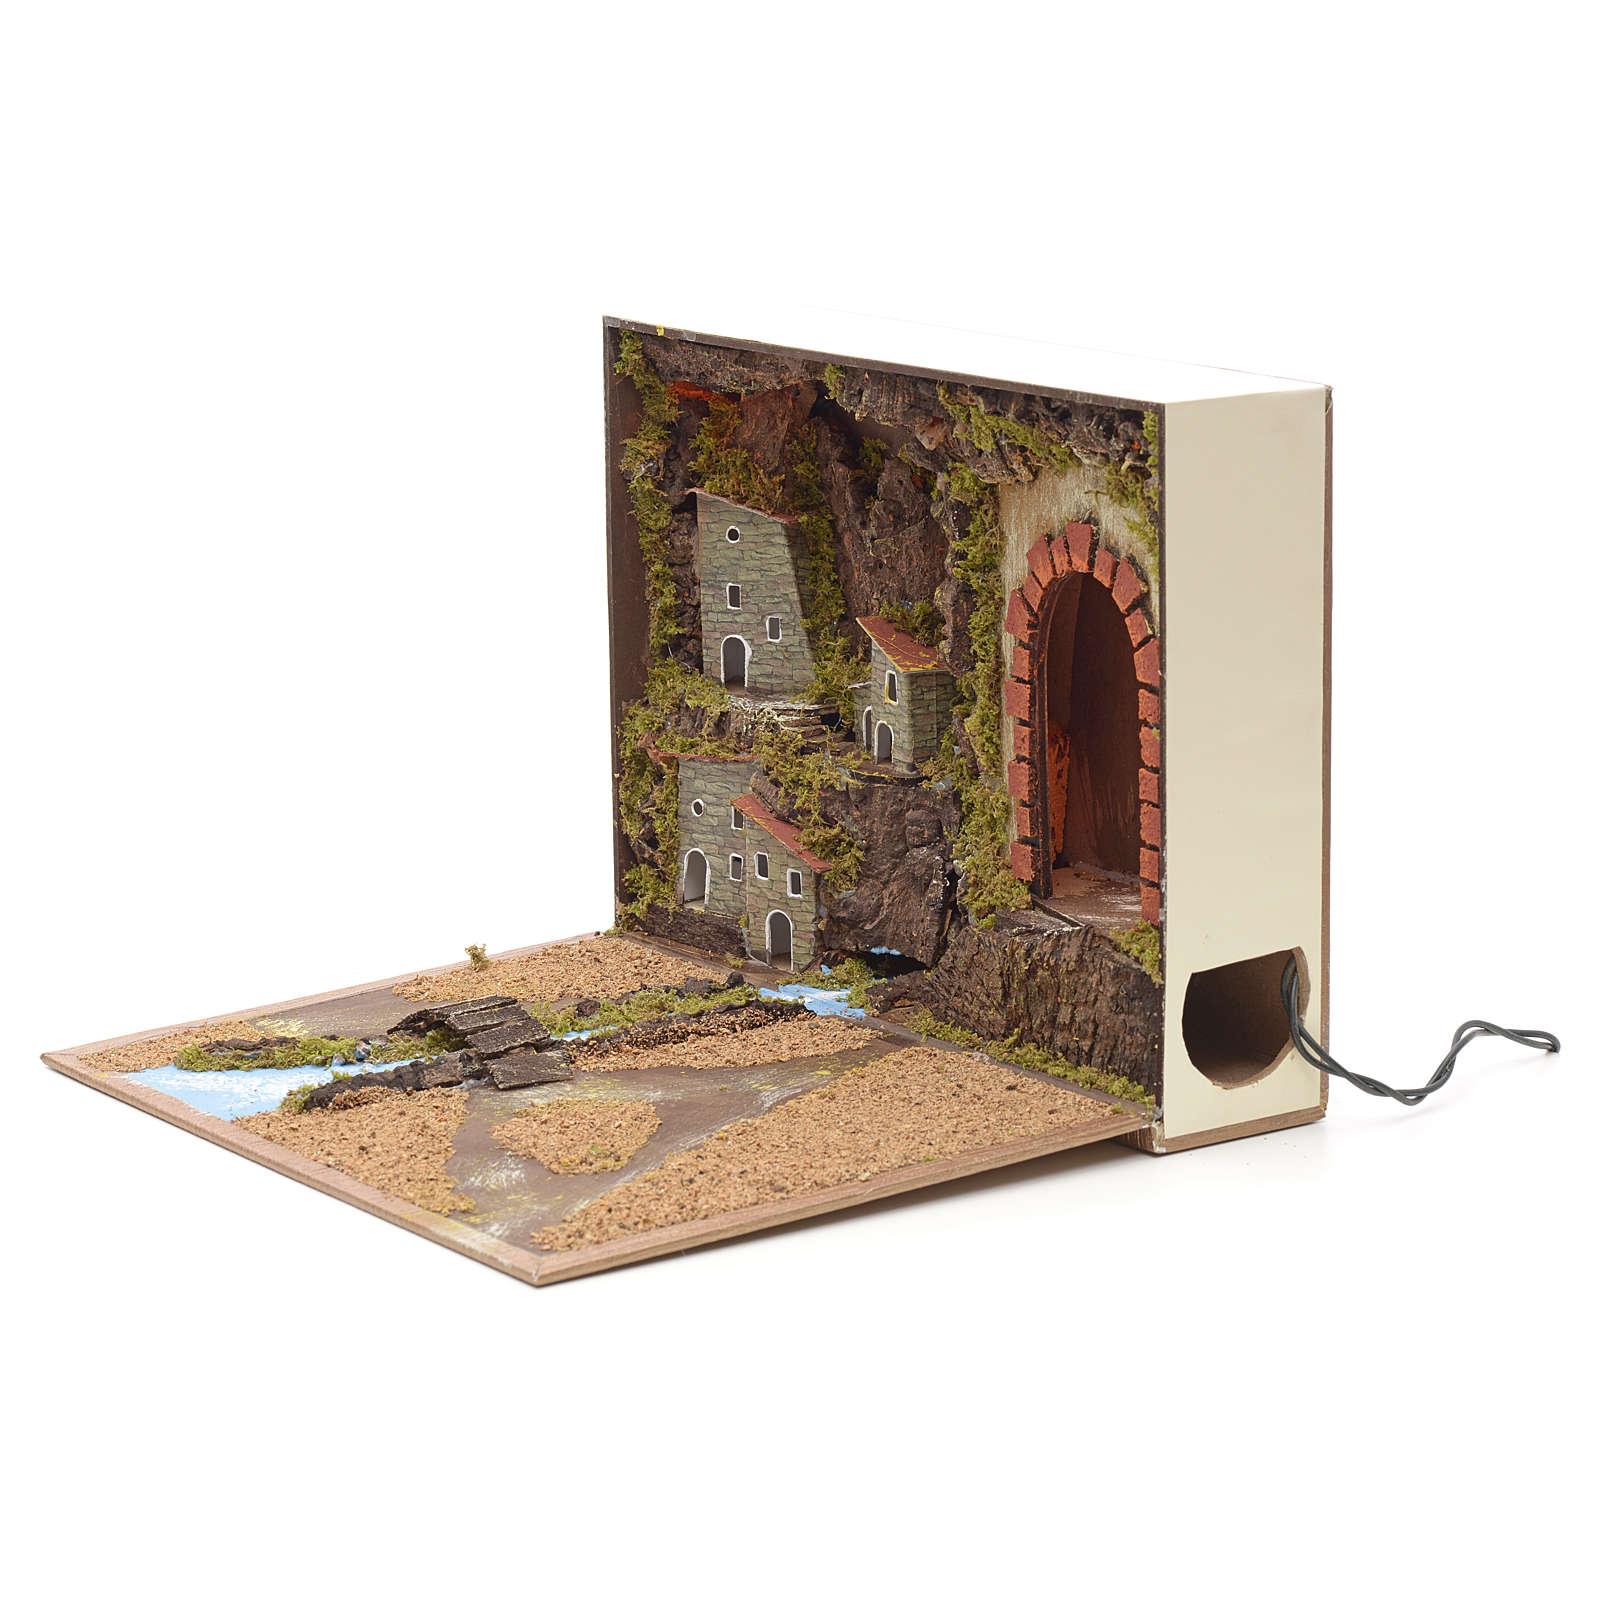 Borgo illuminato grotta e fiume in libro 24x30x8 cm 4